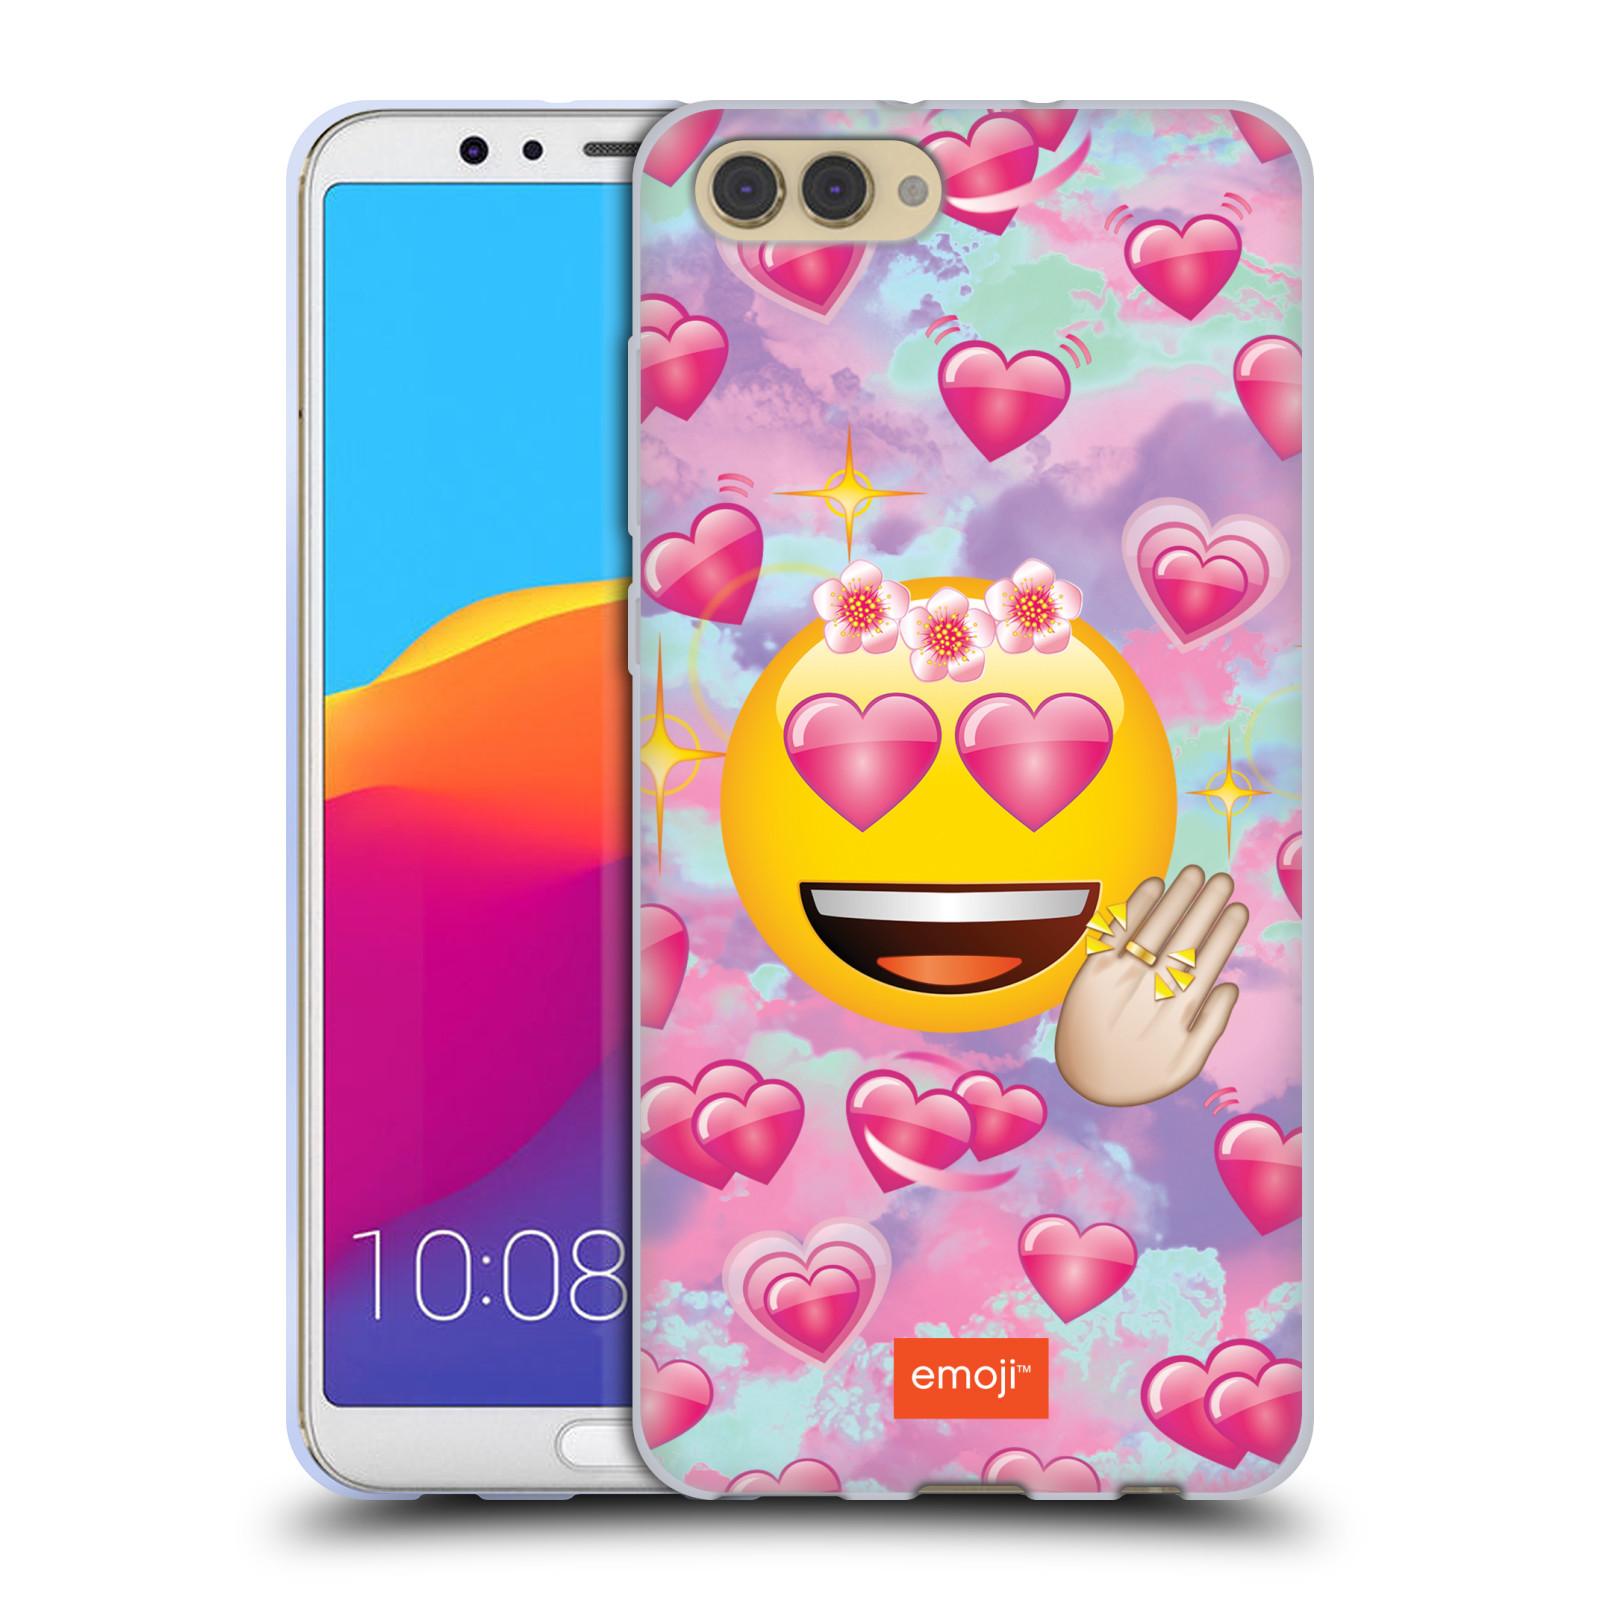 HEAD CASE silikonový obal na mobil Huawei HONOR VIEW 10 / V10 smajlík oficiální kryt EMOJI velký smajlík růžová srdíčka